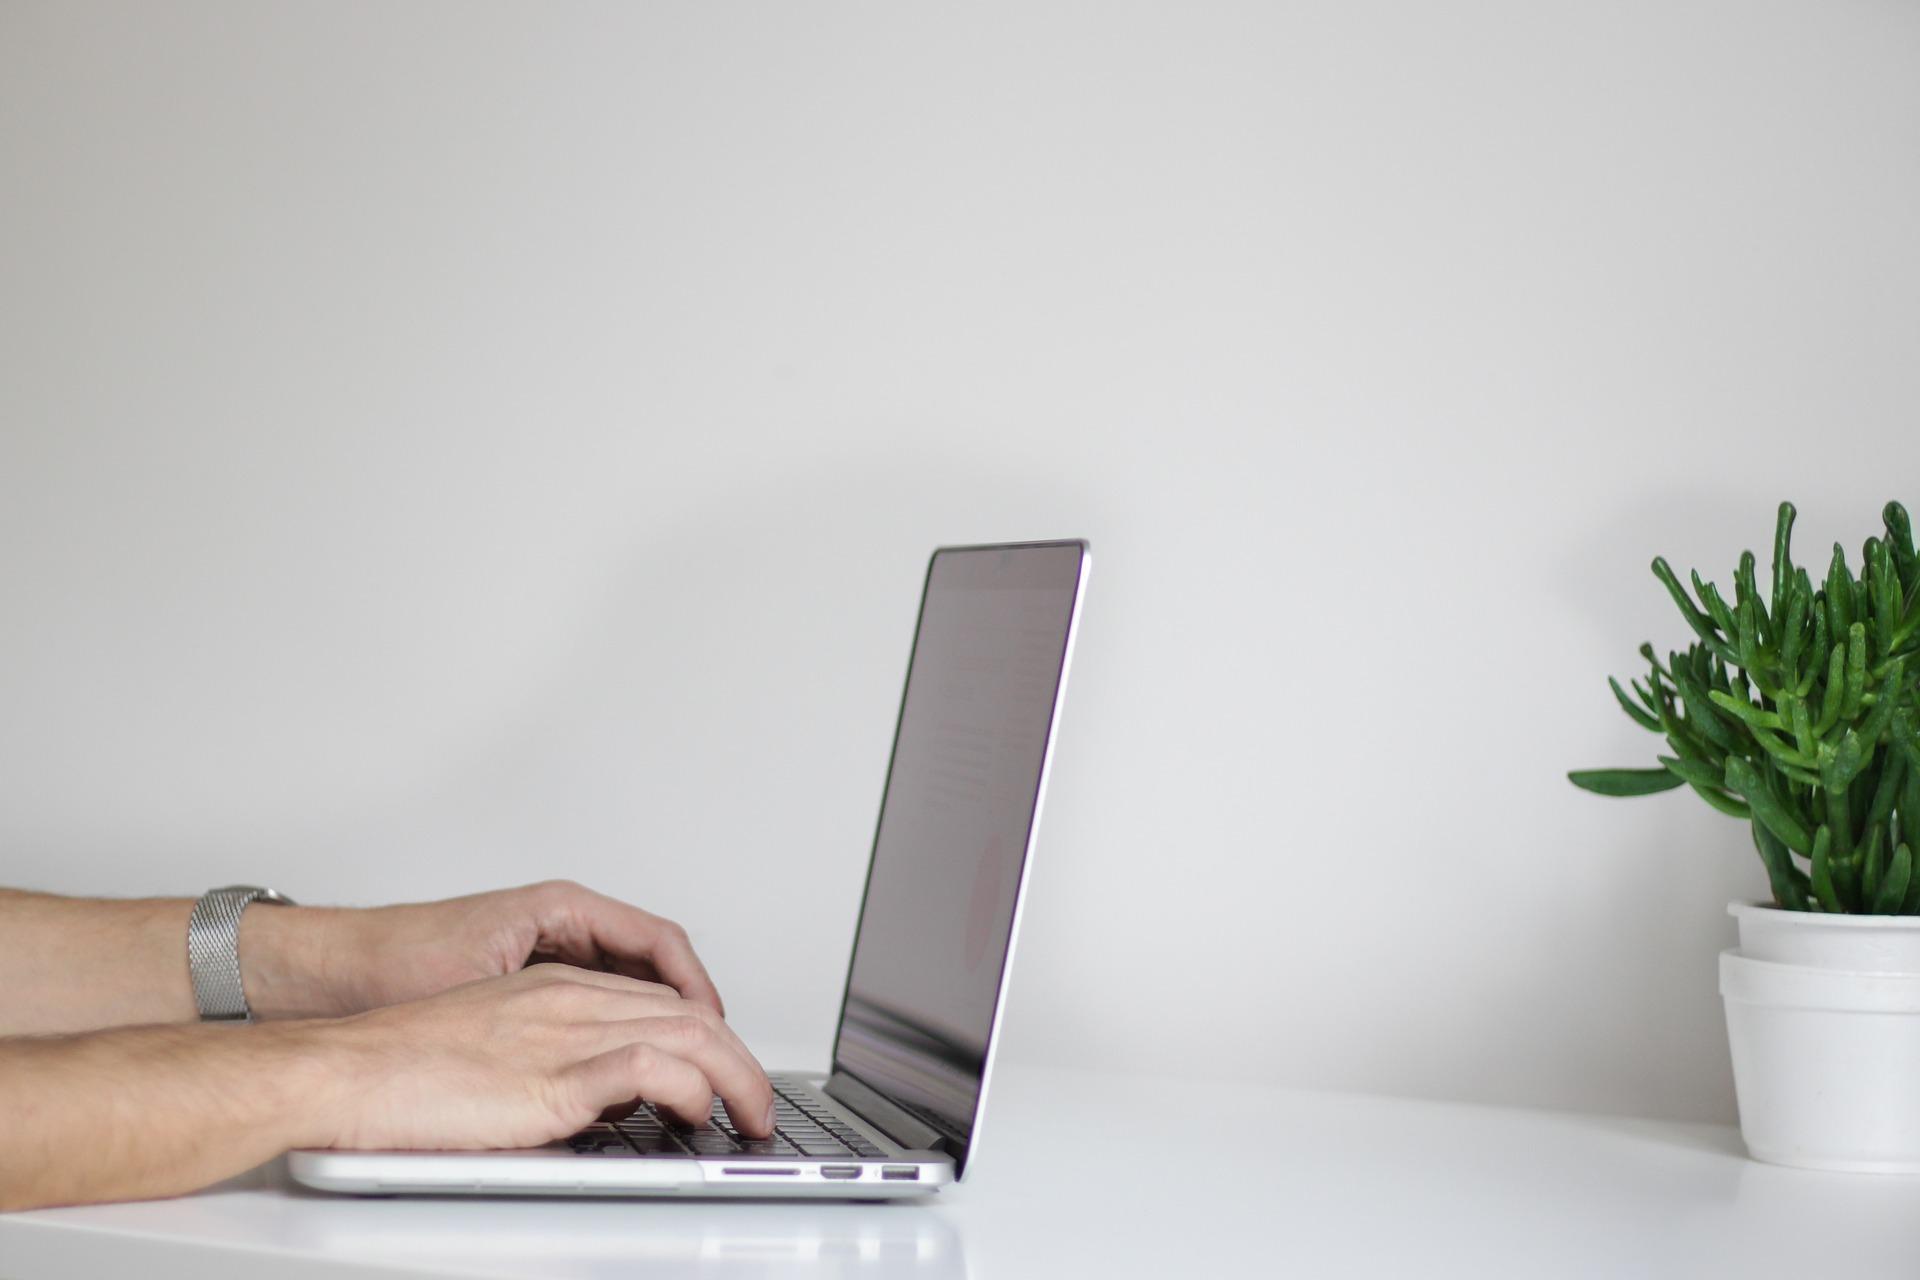 就活生が読むべき就活ブログ6選!特徴や失敗までも調査!【2020年最新】